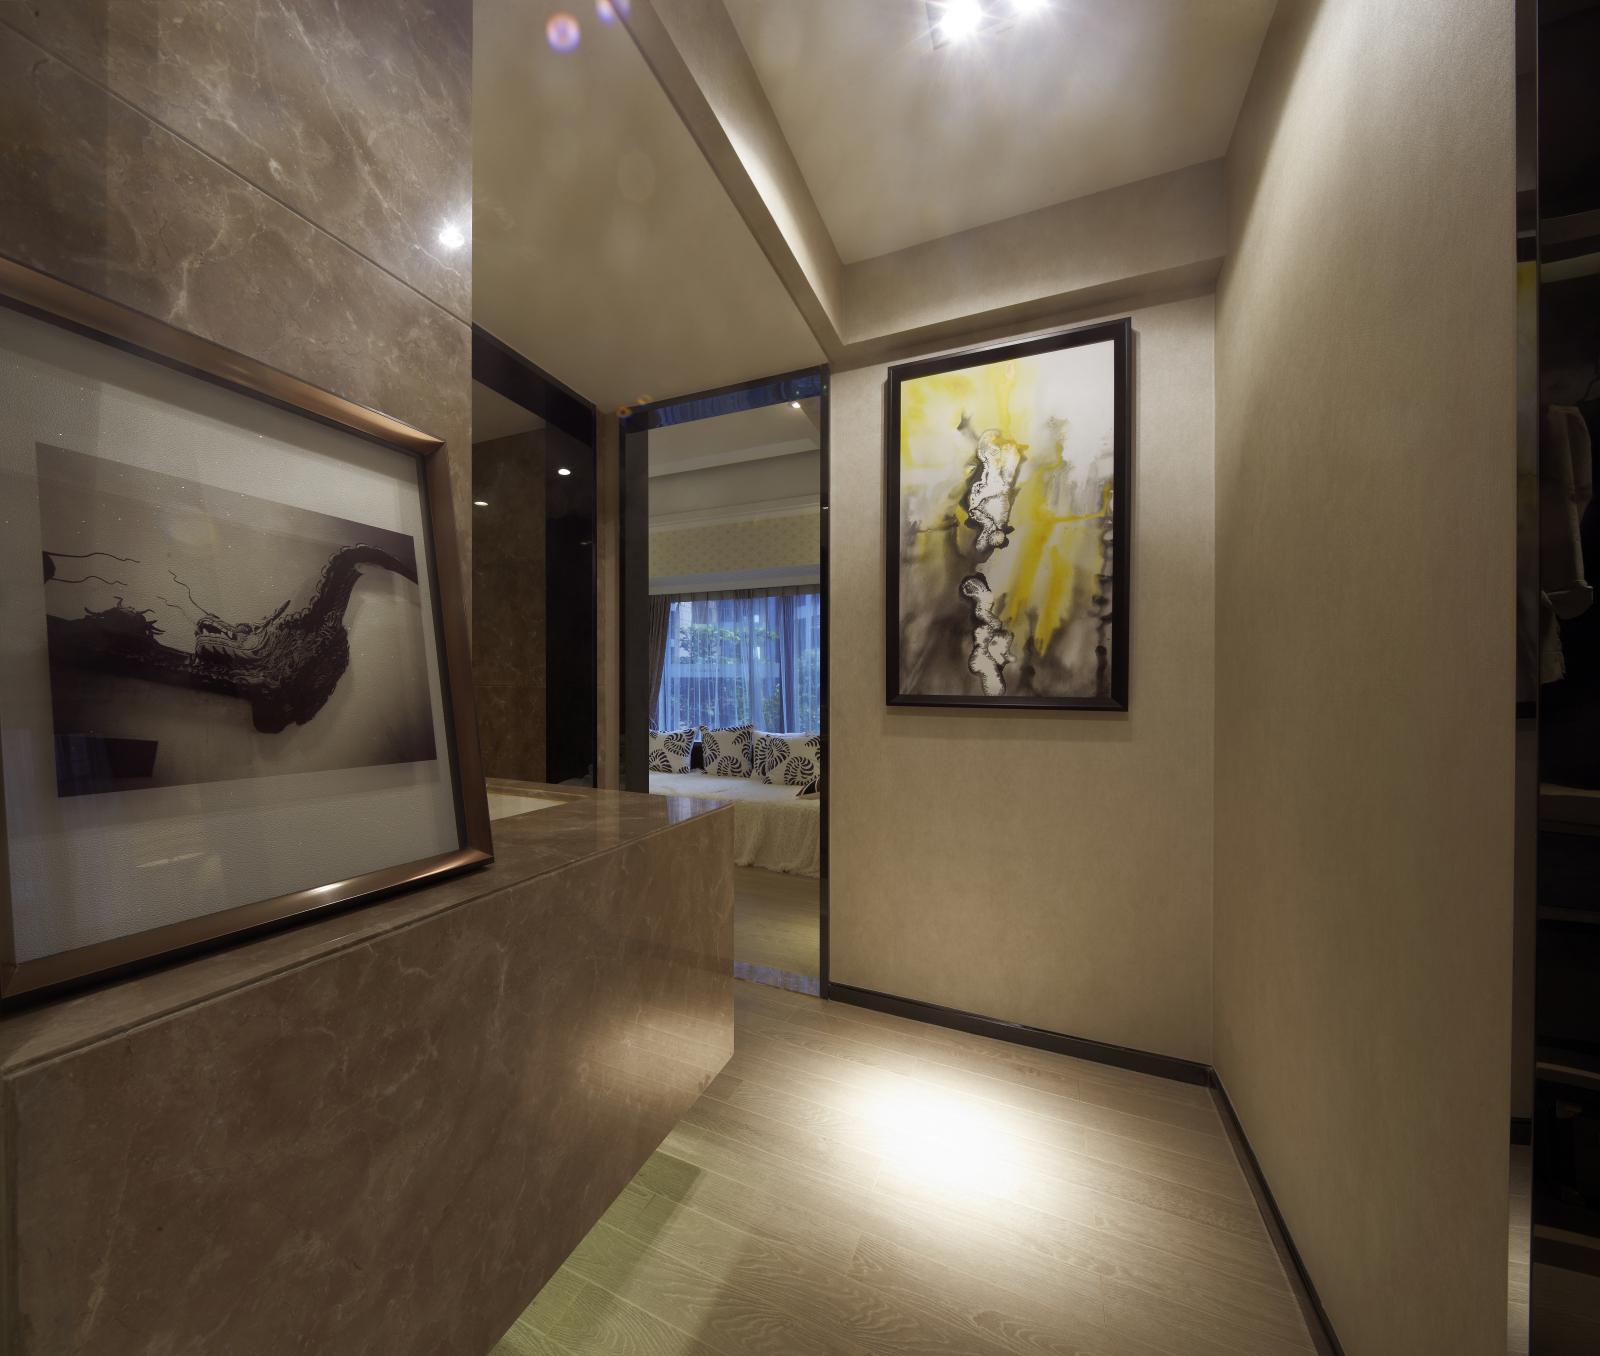 二居 简约 户型图图片来自百合居装饰工程有限公司在现代简约 蓝都会的分享